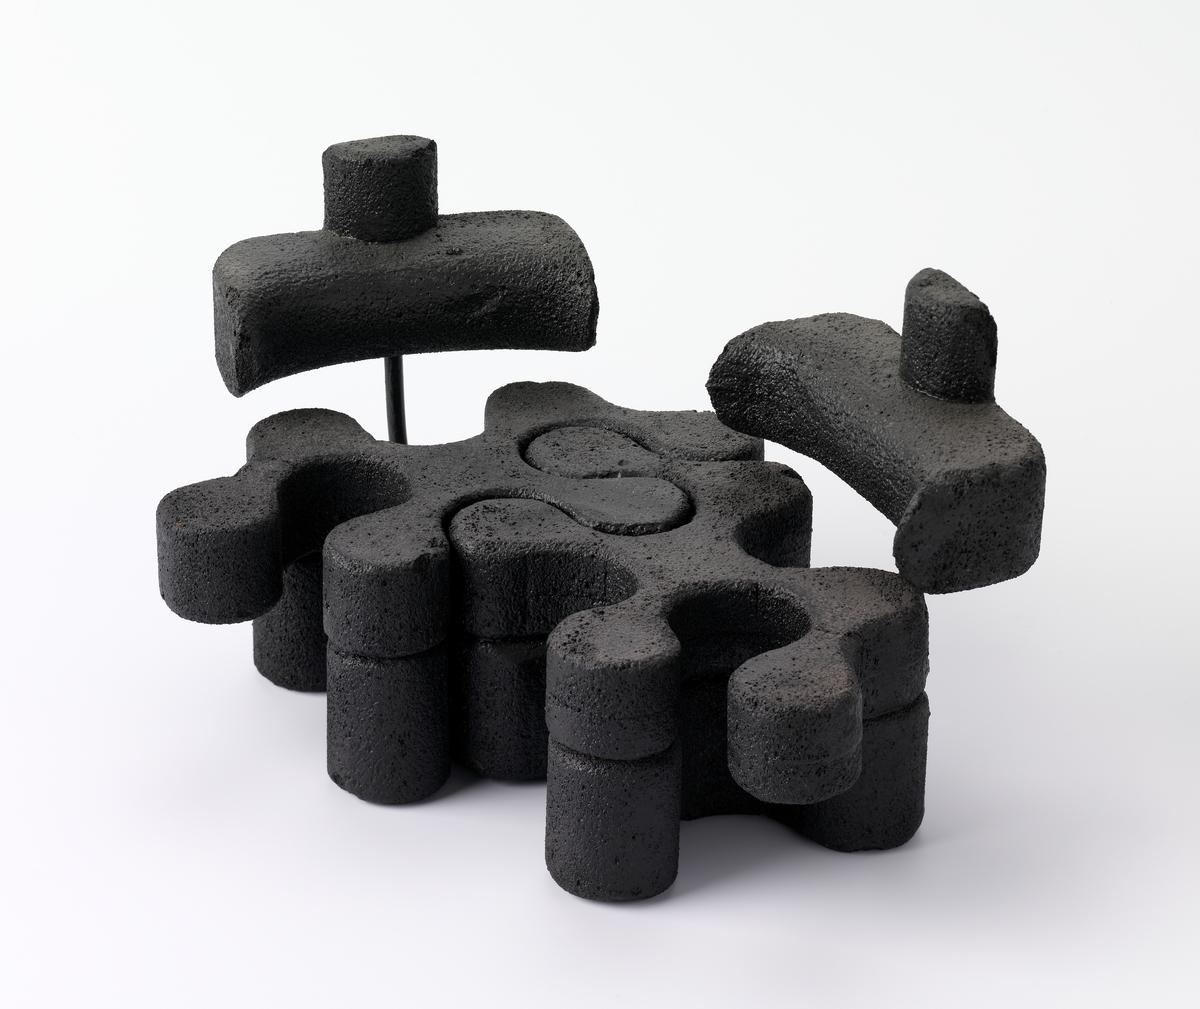 Ekstrem Puzzle [Miniatyr]